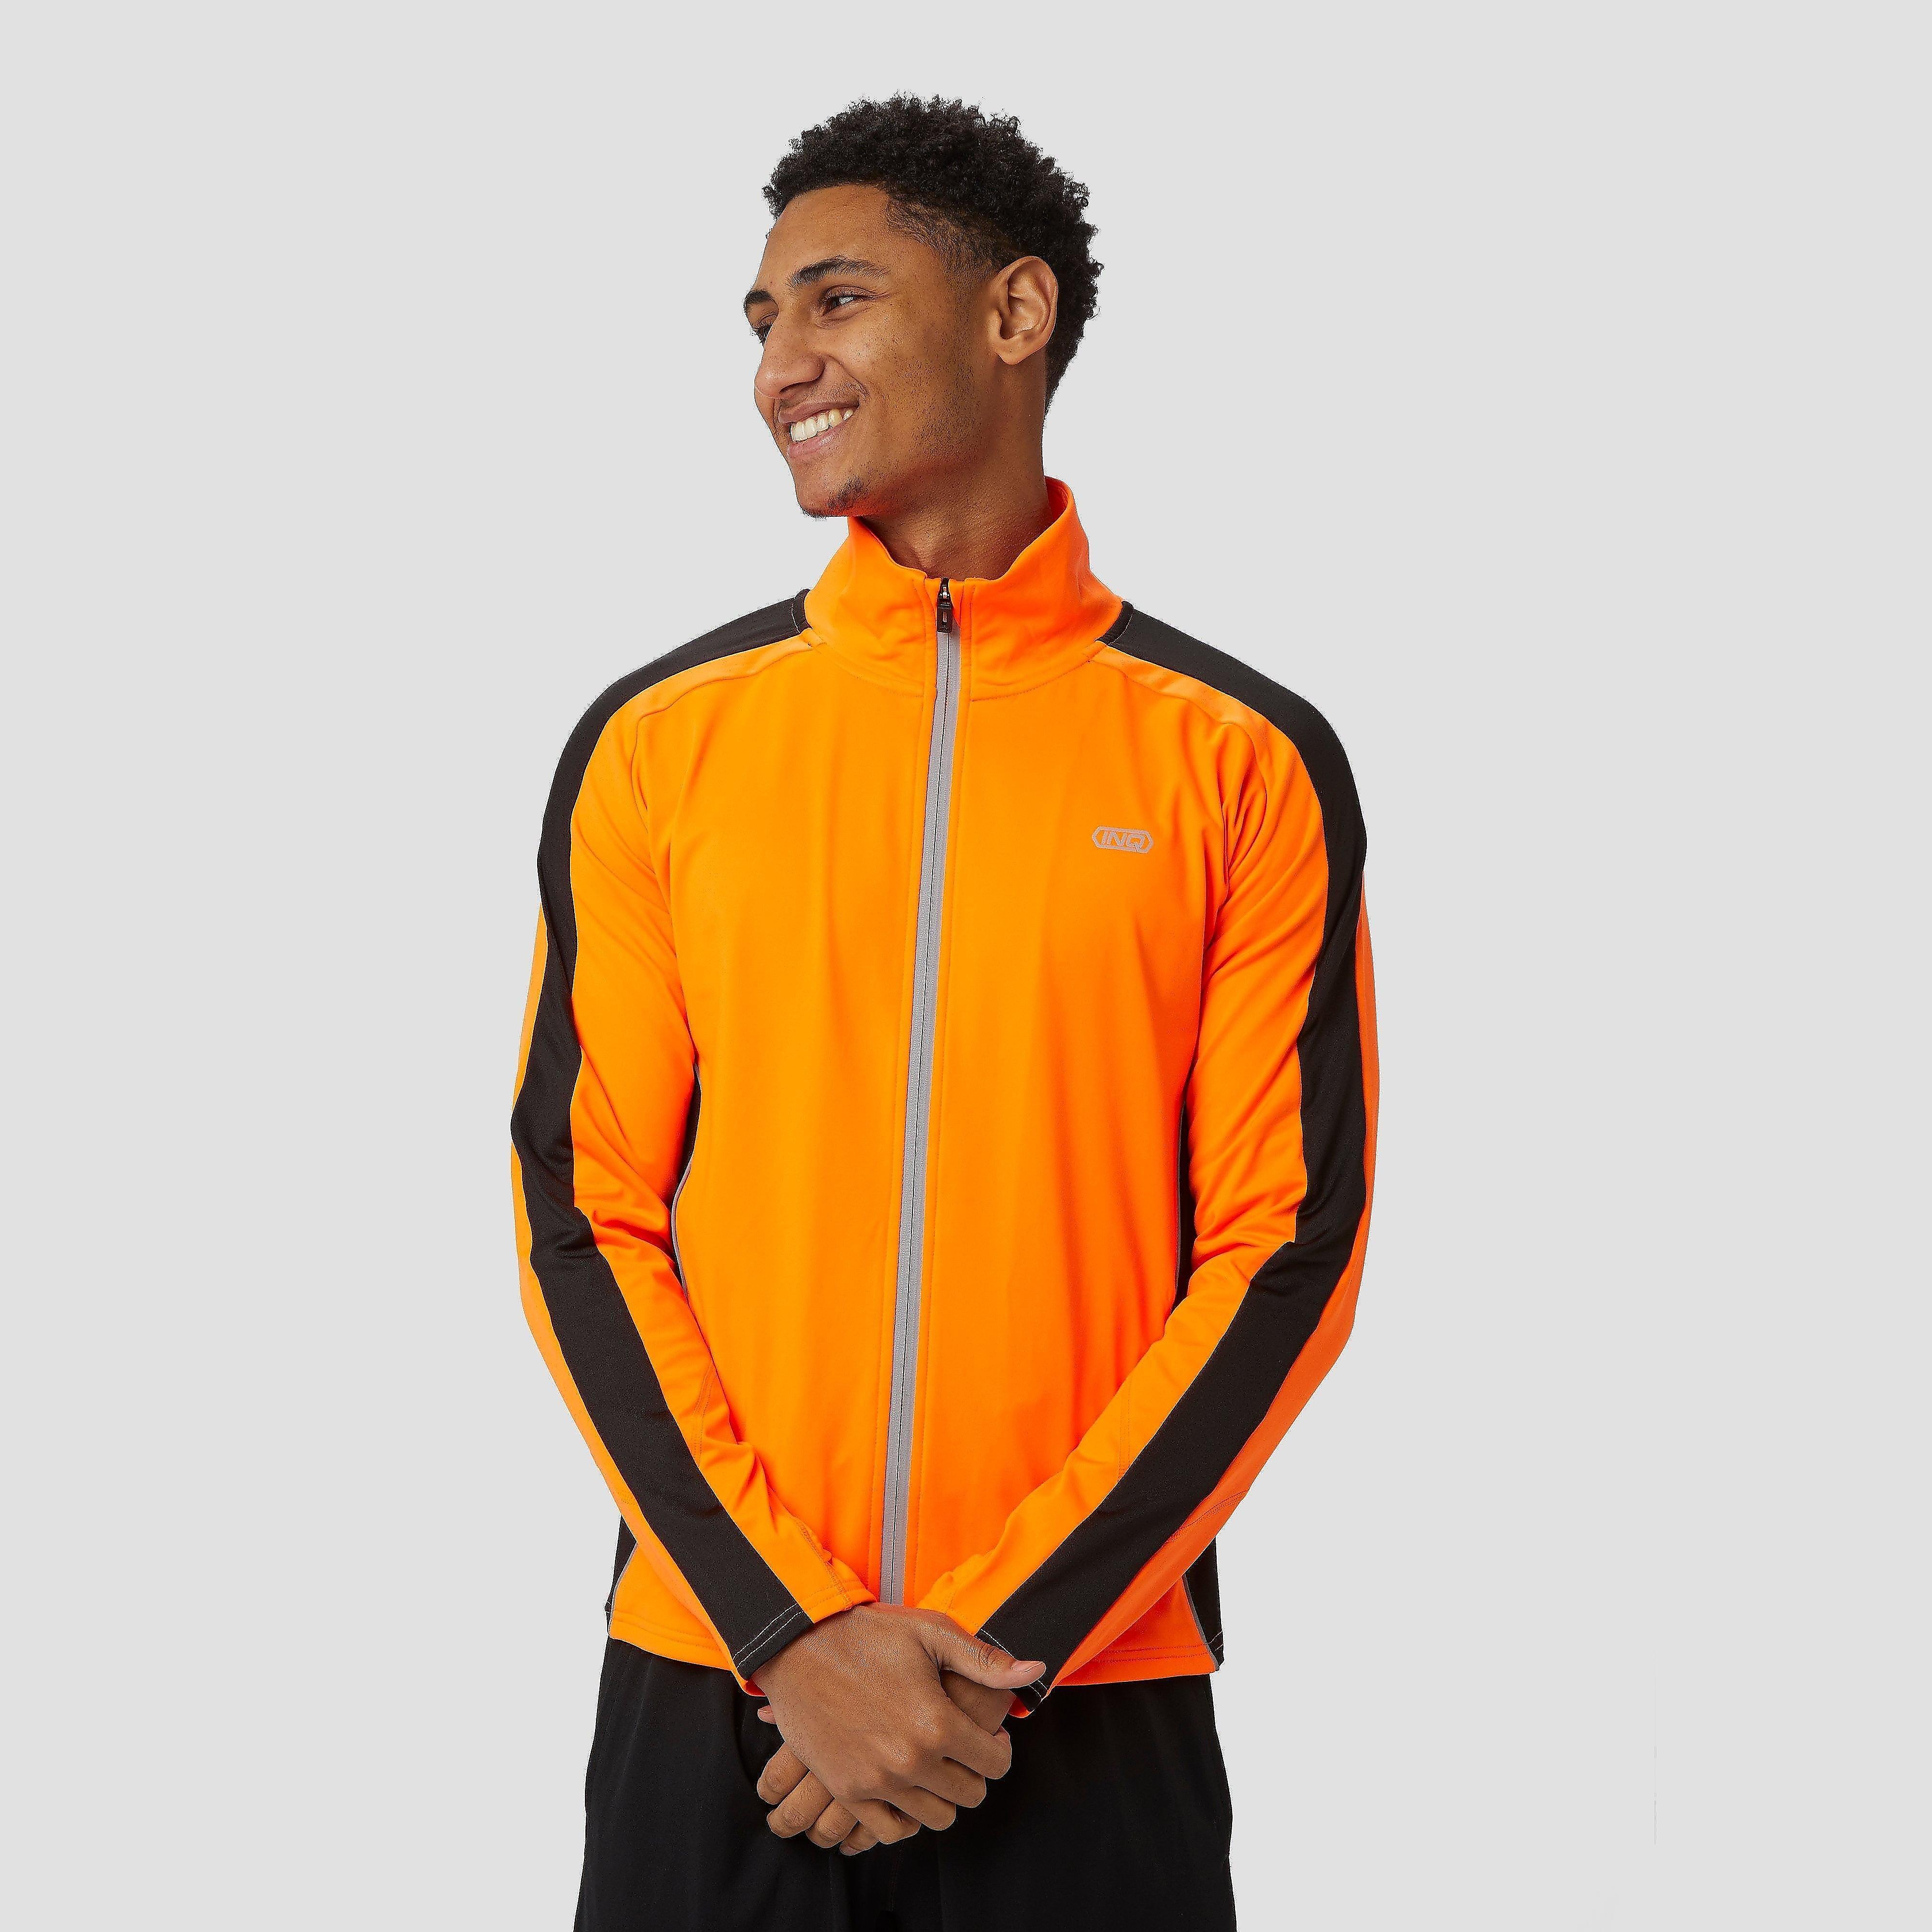 De oranje inq alpina wind hardloopjas voor heren maakt het mogelijk dat jij in weer en wind kan hardlopen! ...